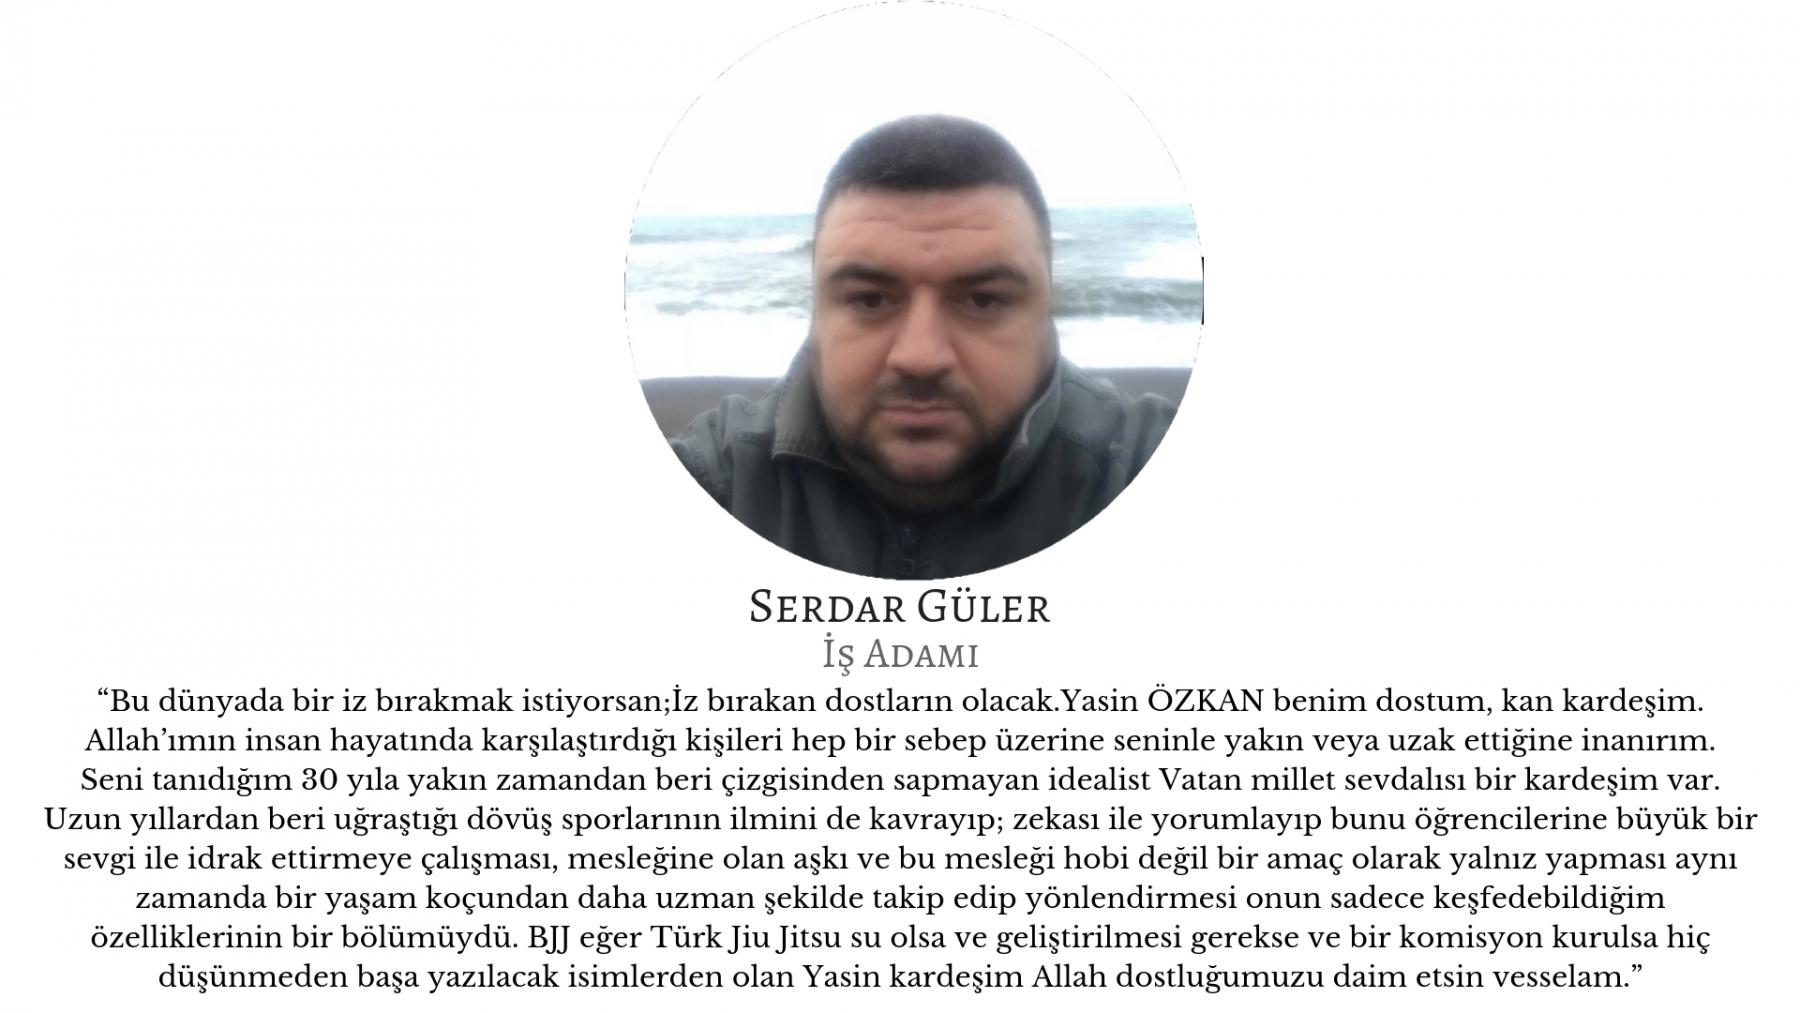 Serdar Güler - İş Adamı yasin ozkan mma bjj izmir jiujitsu muay thai fitness pt